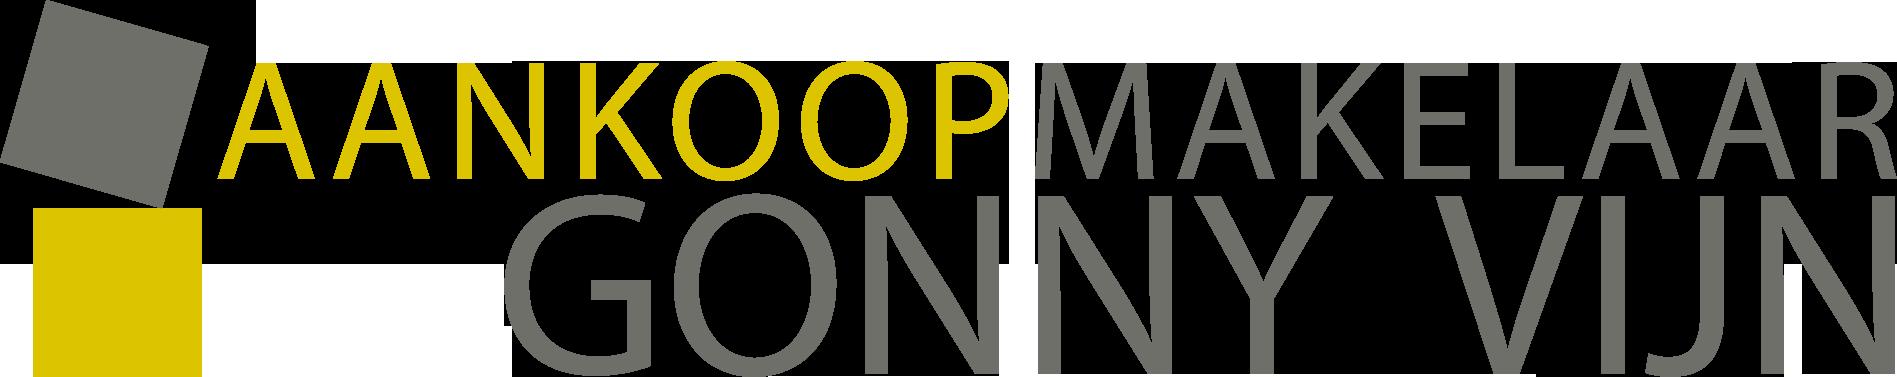 Logo Aankoopmakelaar Gonny Vijn